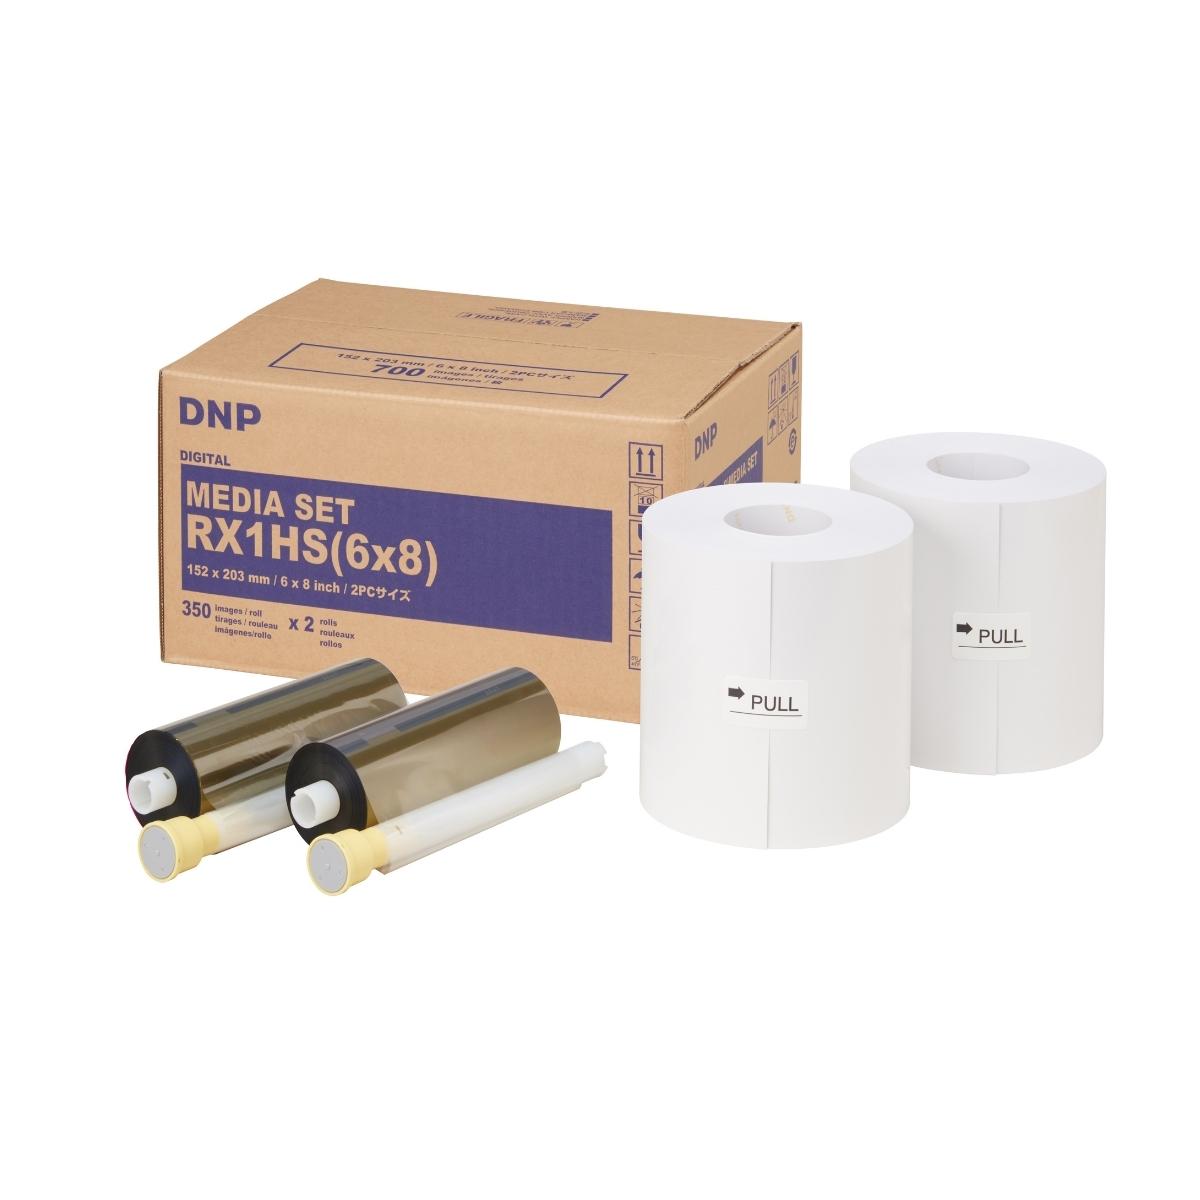 DNP Papel Térmico DS-RX1 HS A5 15x20700 fotos